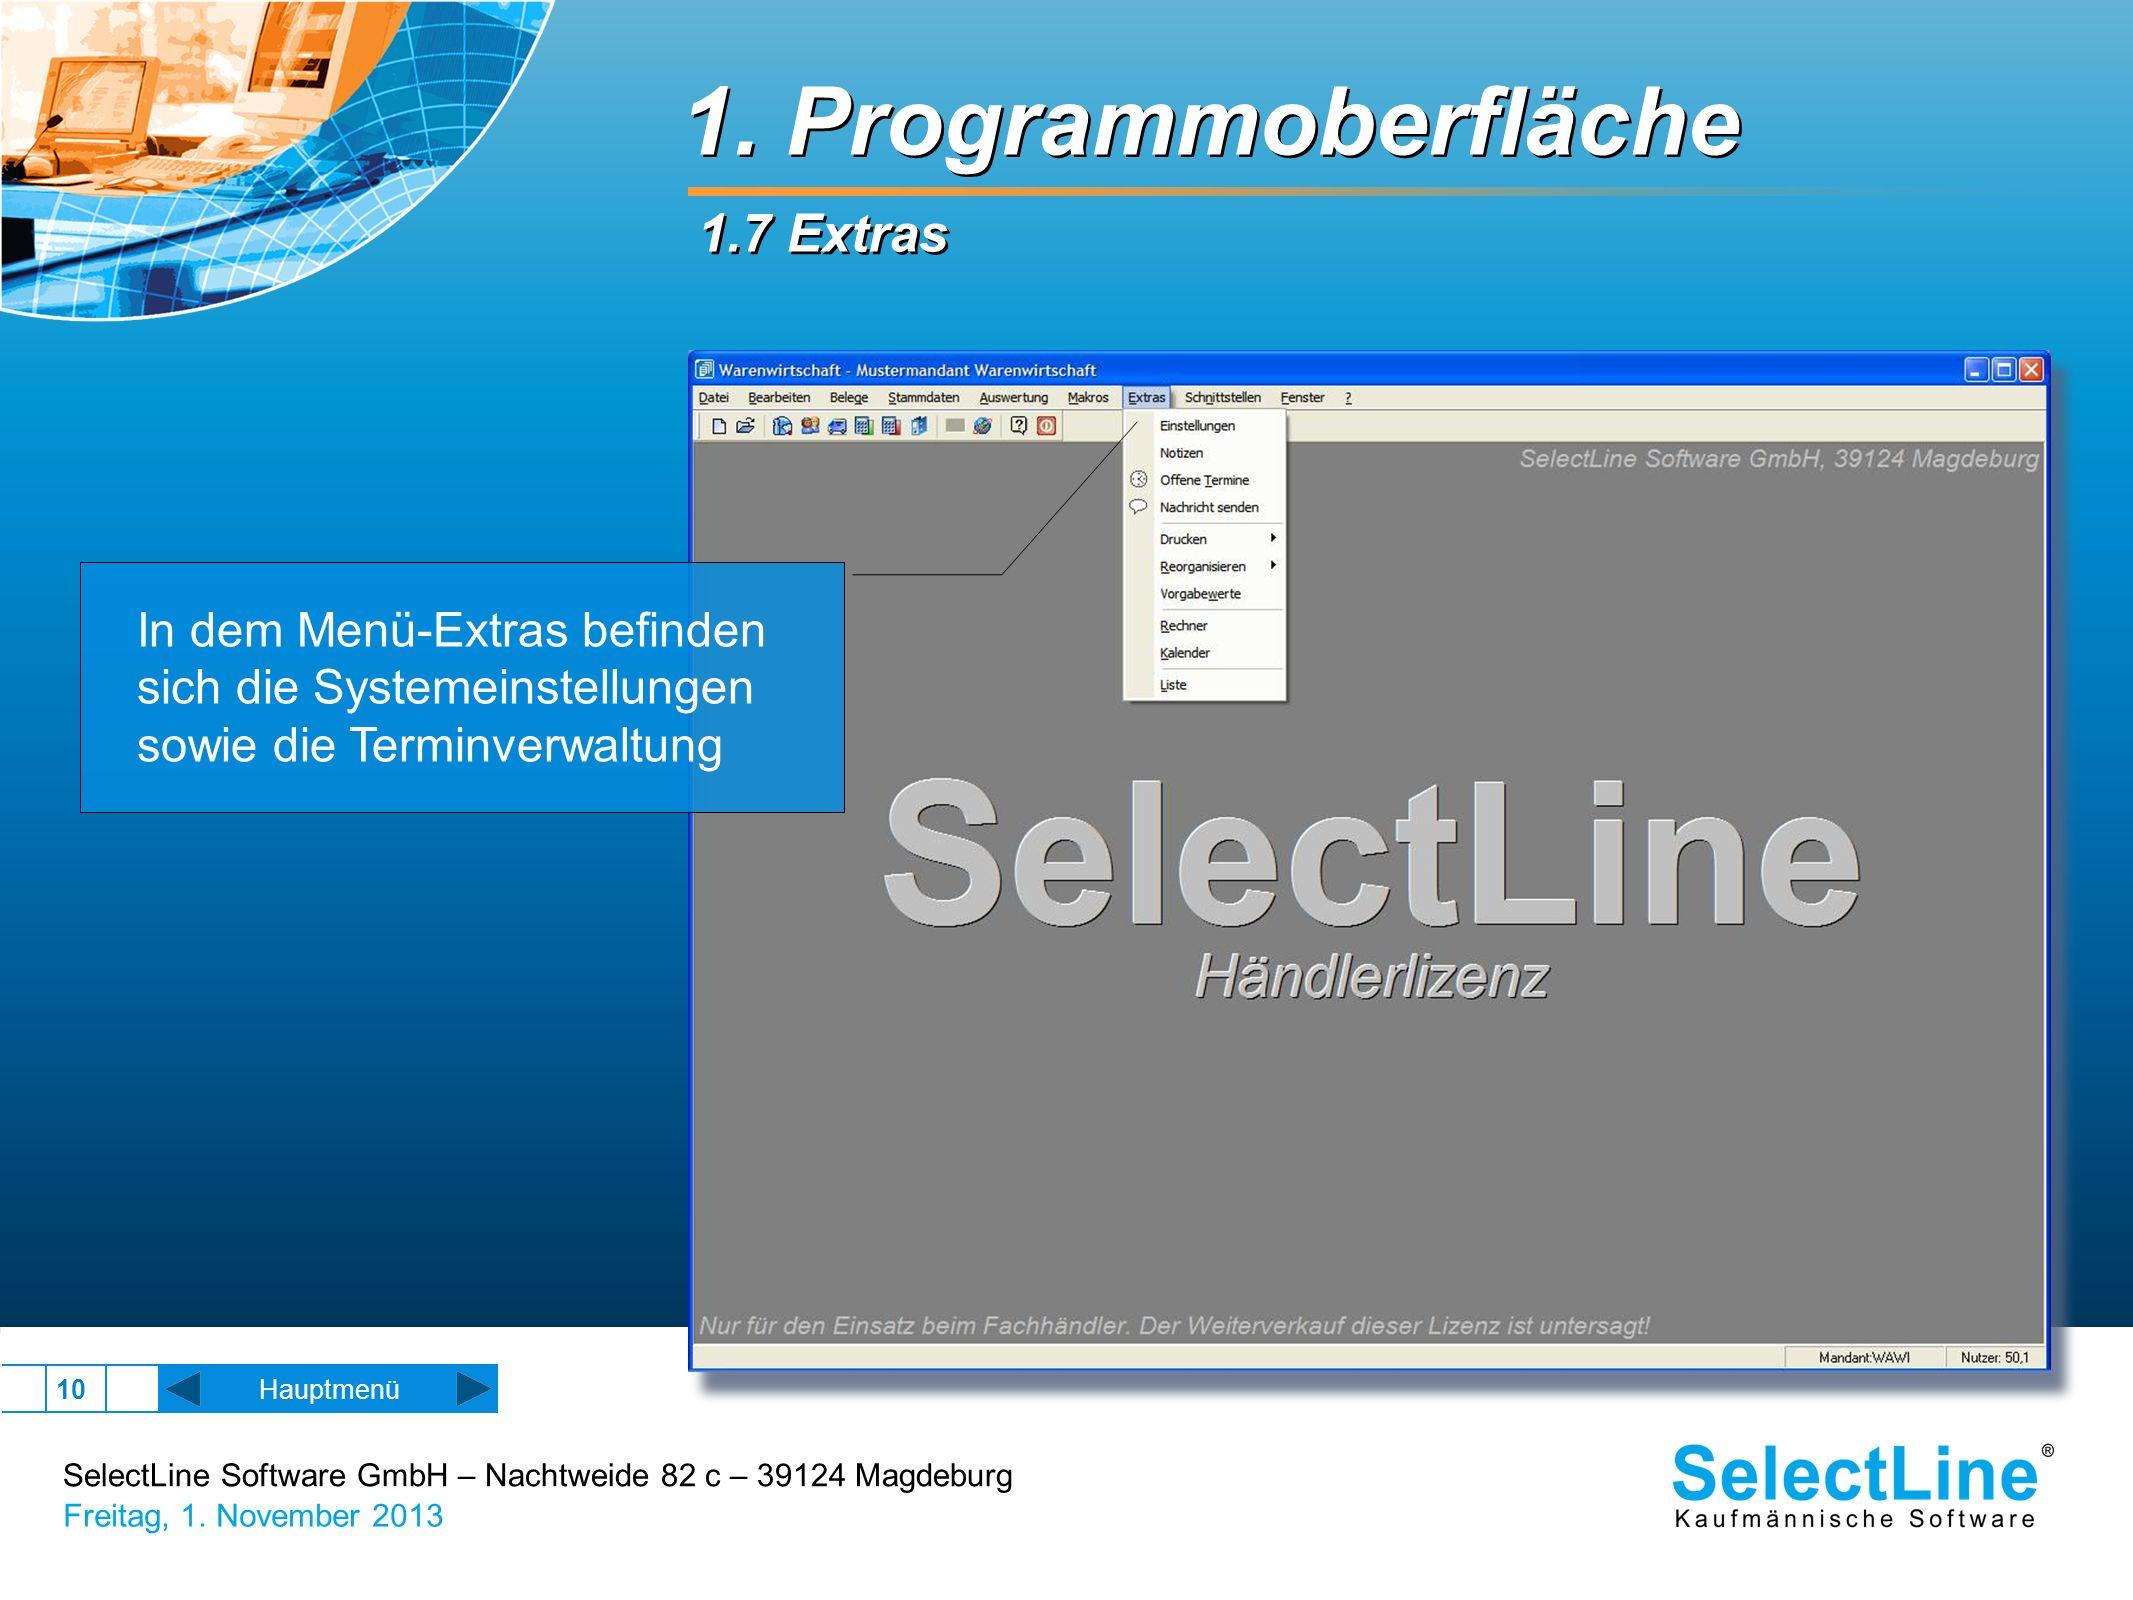 SelectLine Software GmbH – Nachtweide 82 c – 39124 Magdeburg Freitag, 1. November 2013 10 1. Programmoberfläche 1.7 Extras In dem Menü-Extras befinden